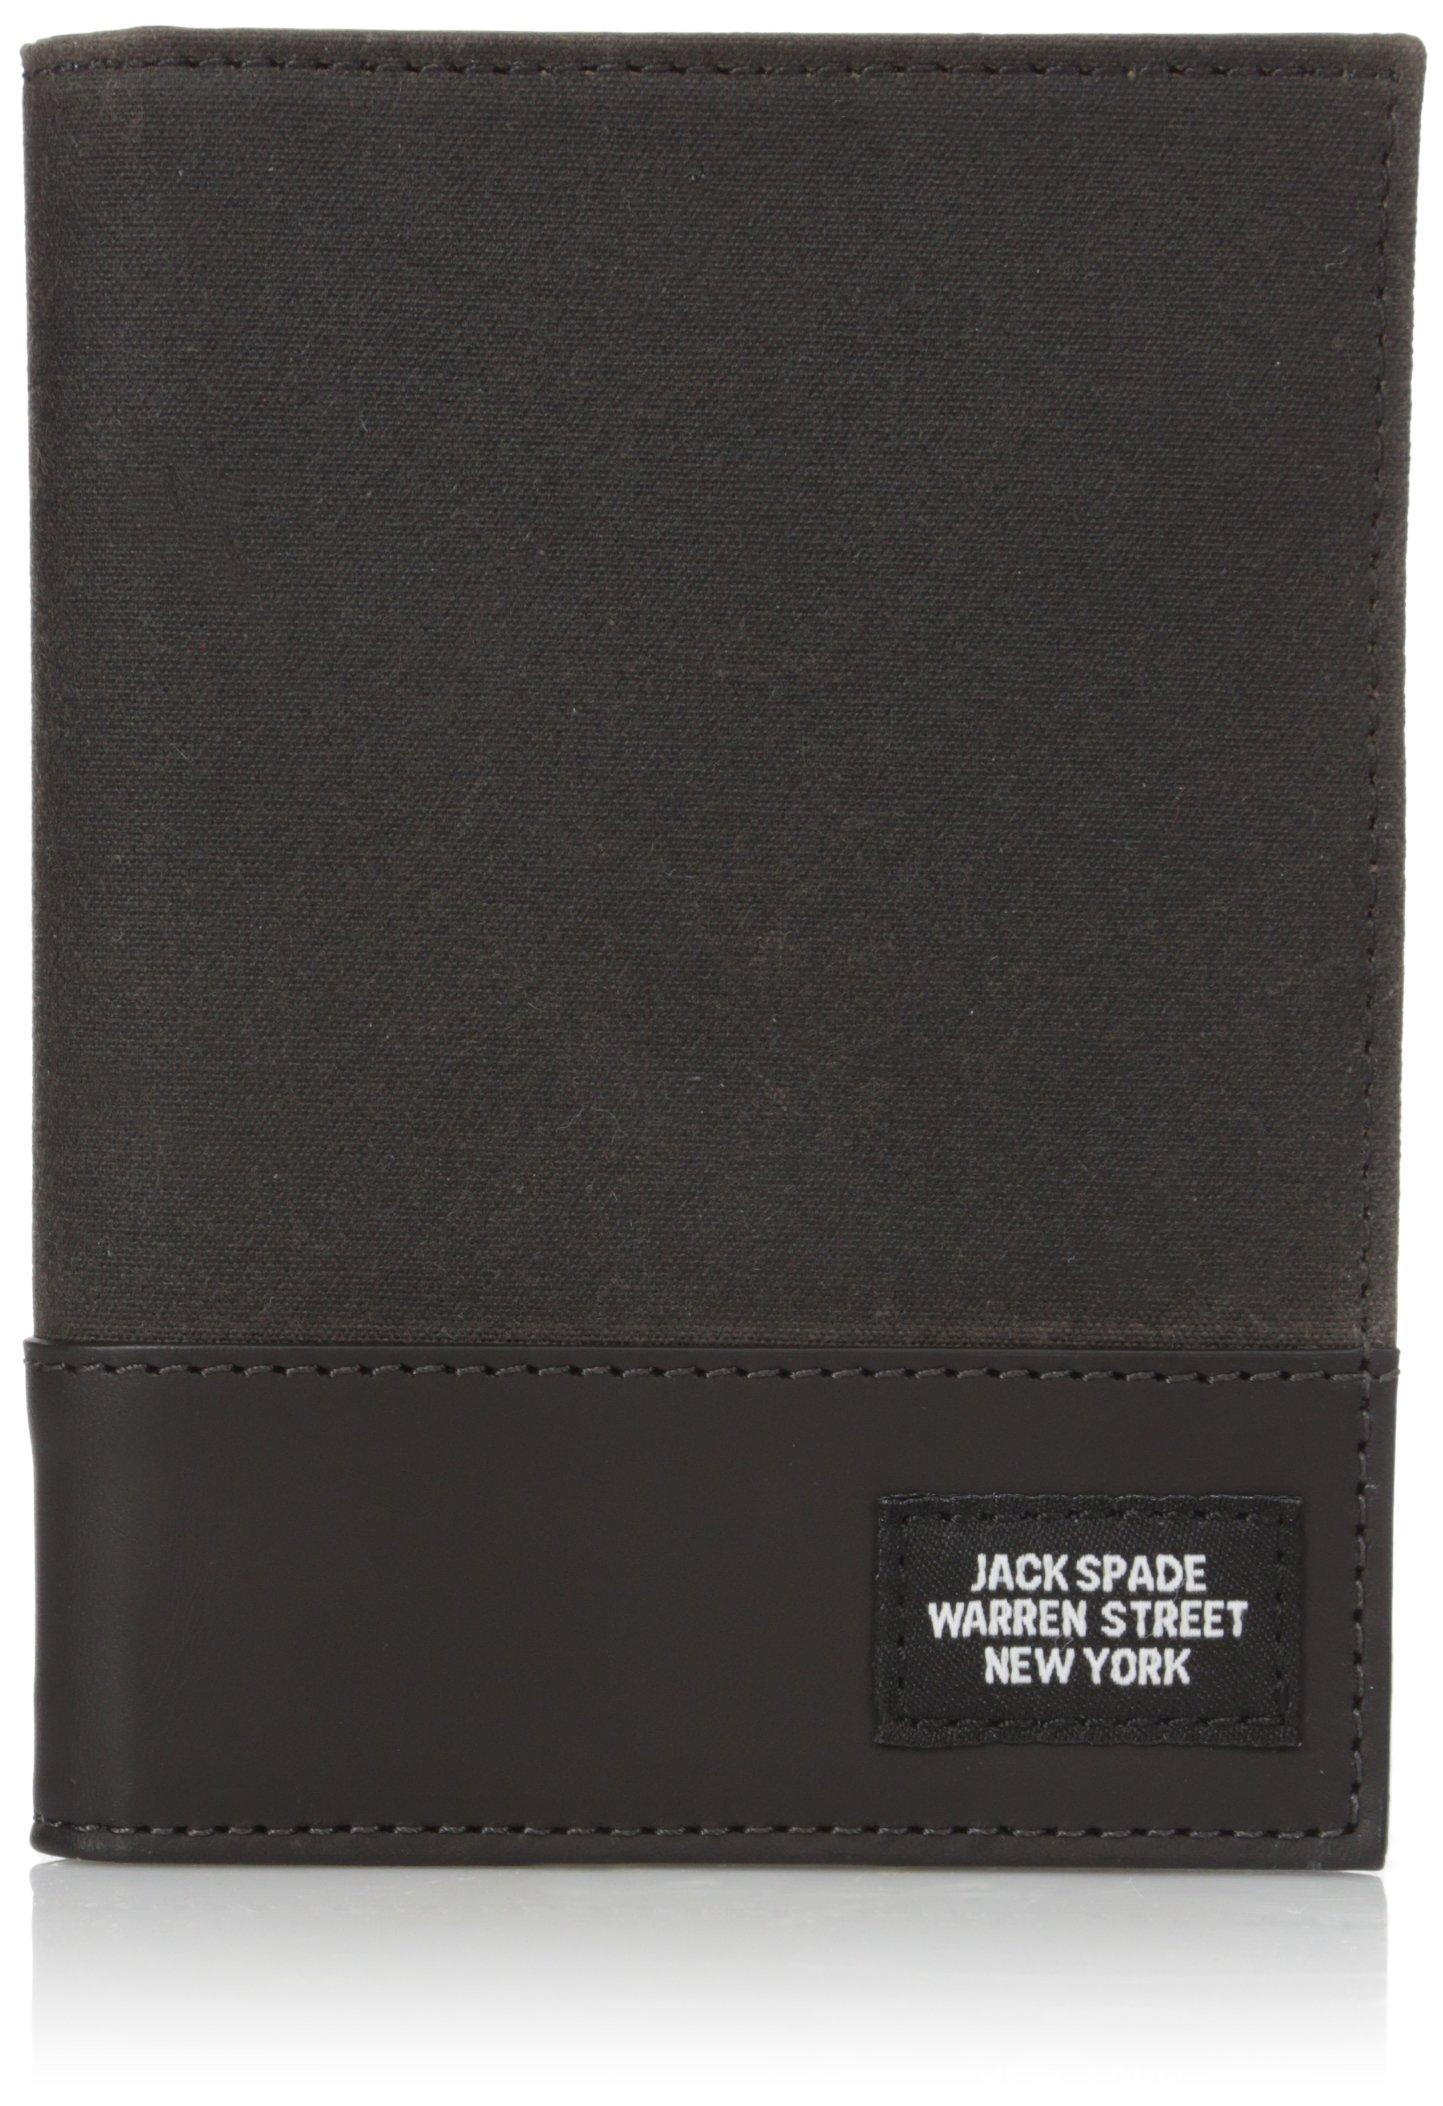 Jack Spade Men's Waxwear Passport Wallet, One SIze, chocolate by Jack Spade